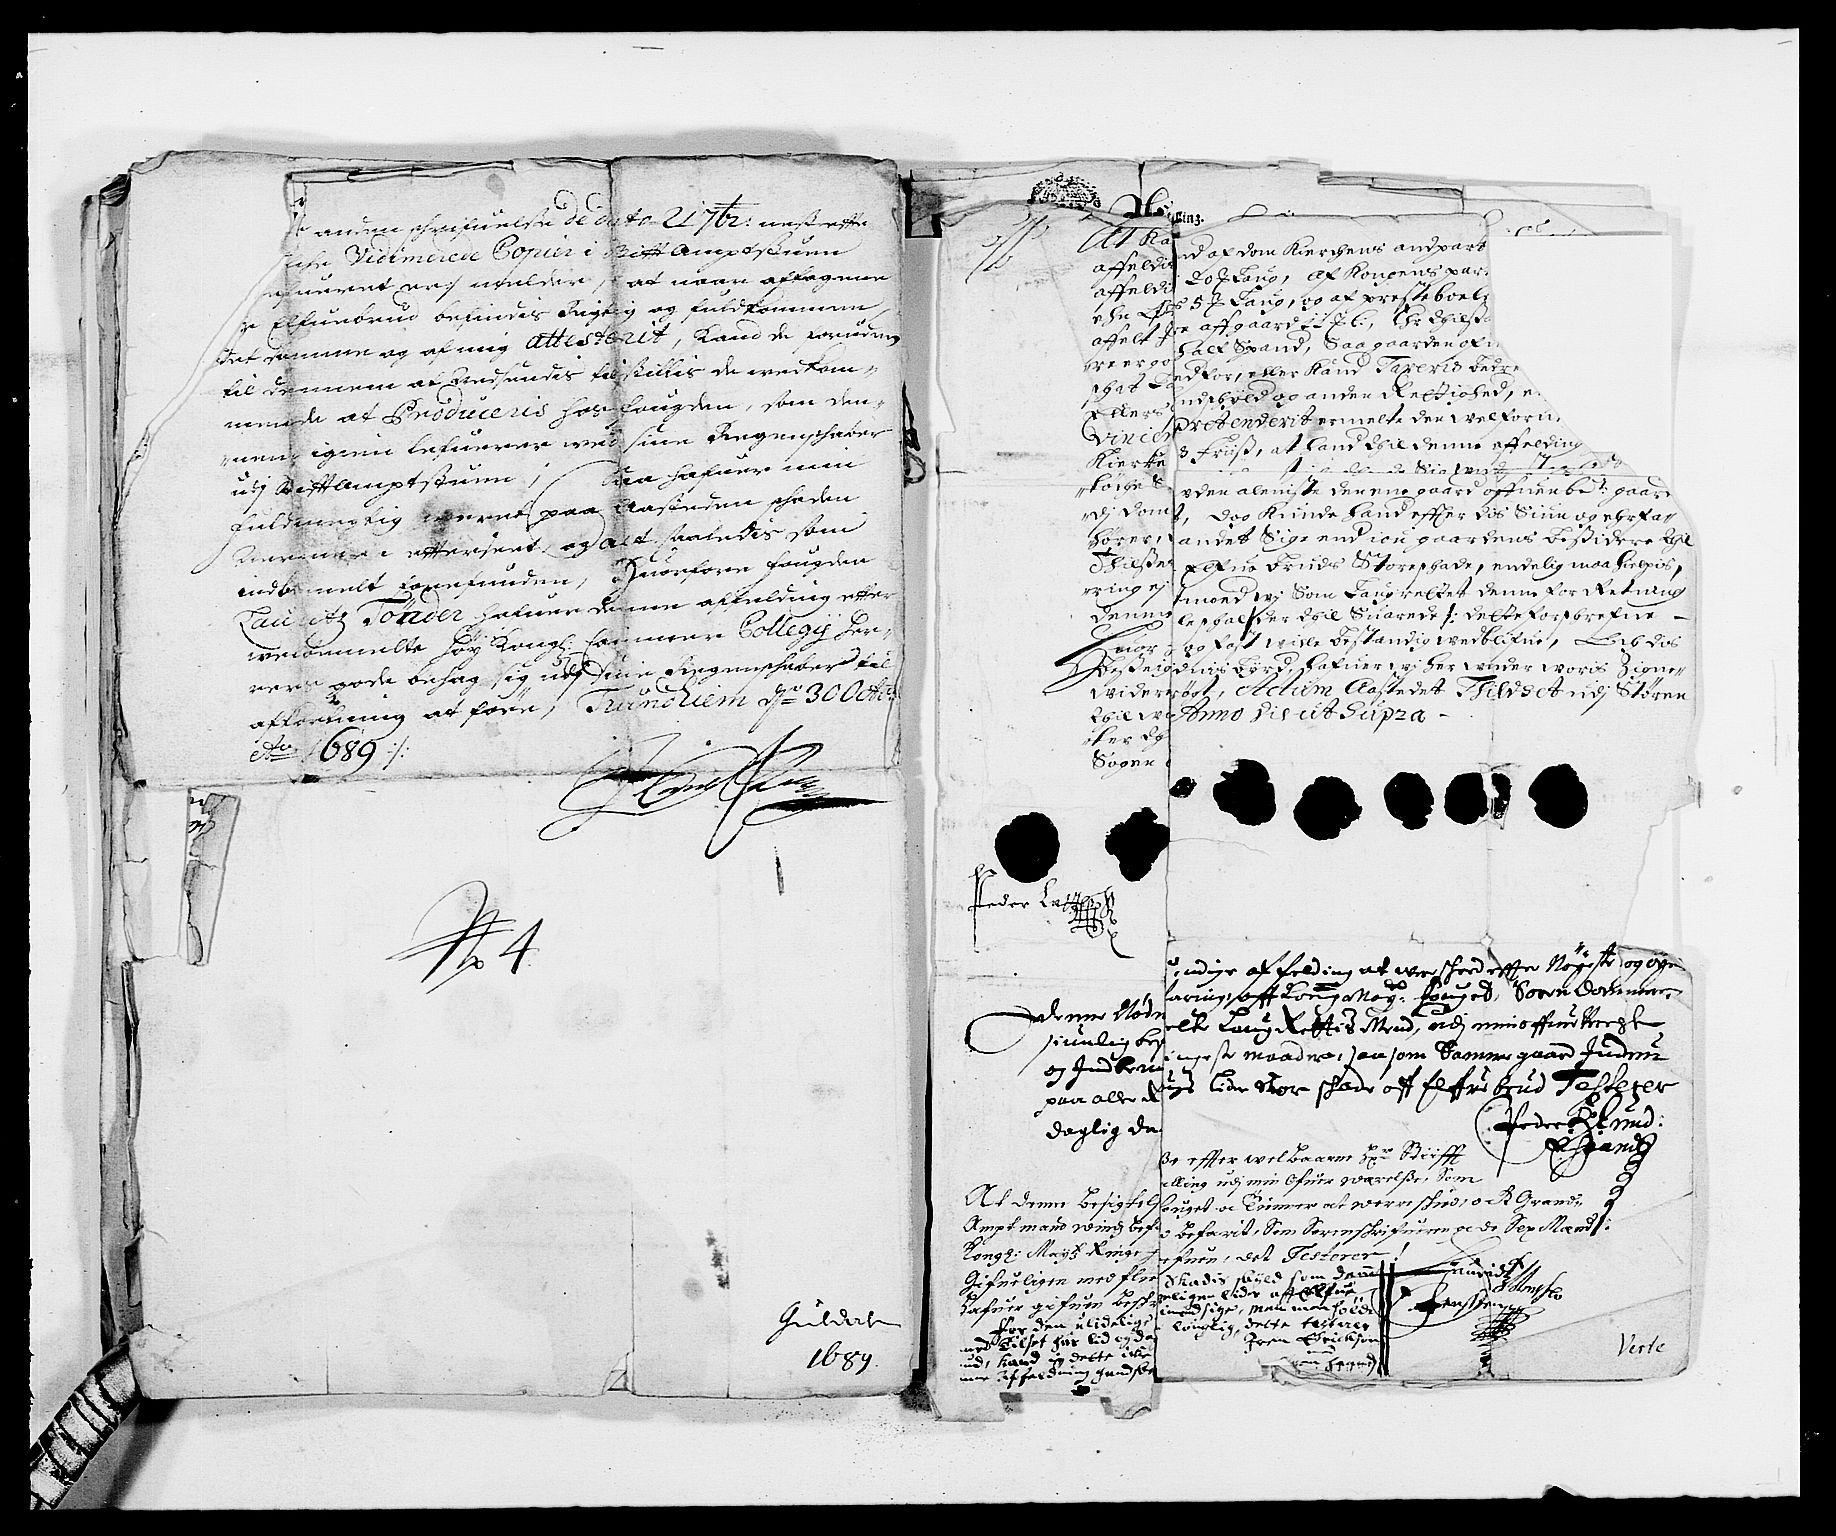 RA, Rentekammeret inntil 1814, Reviderte regnskaper, Fogderegnskap, R59/L3940: Fogderegnskap Gauldal, 1689-1690, s. 175